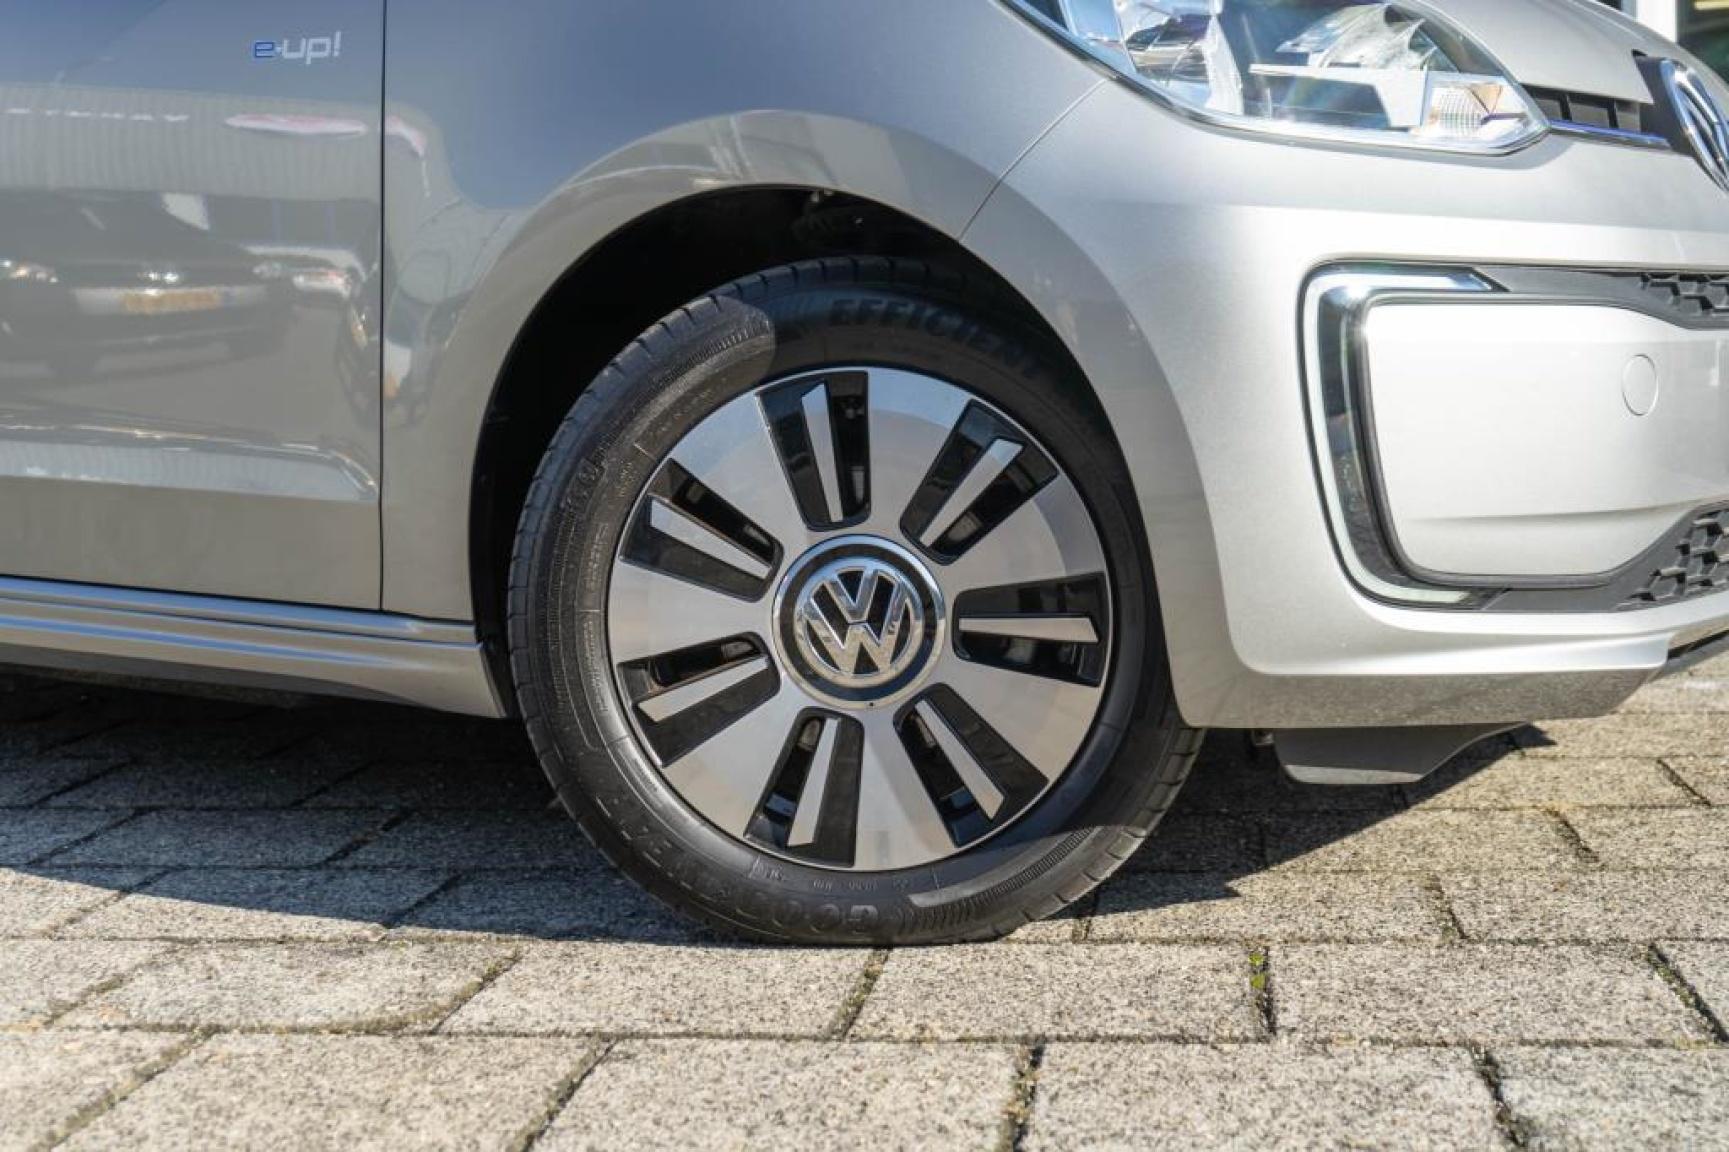 Volkswagen-e-Up!-3